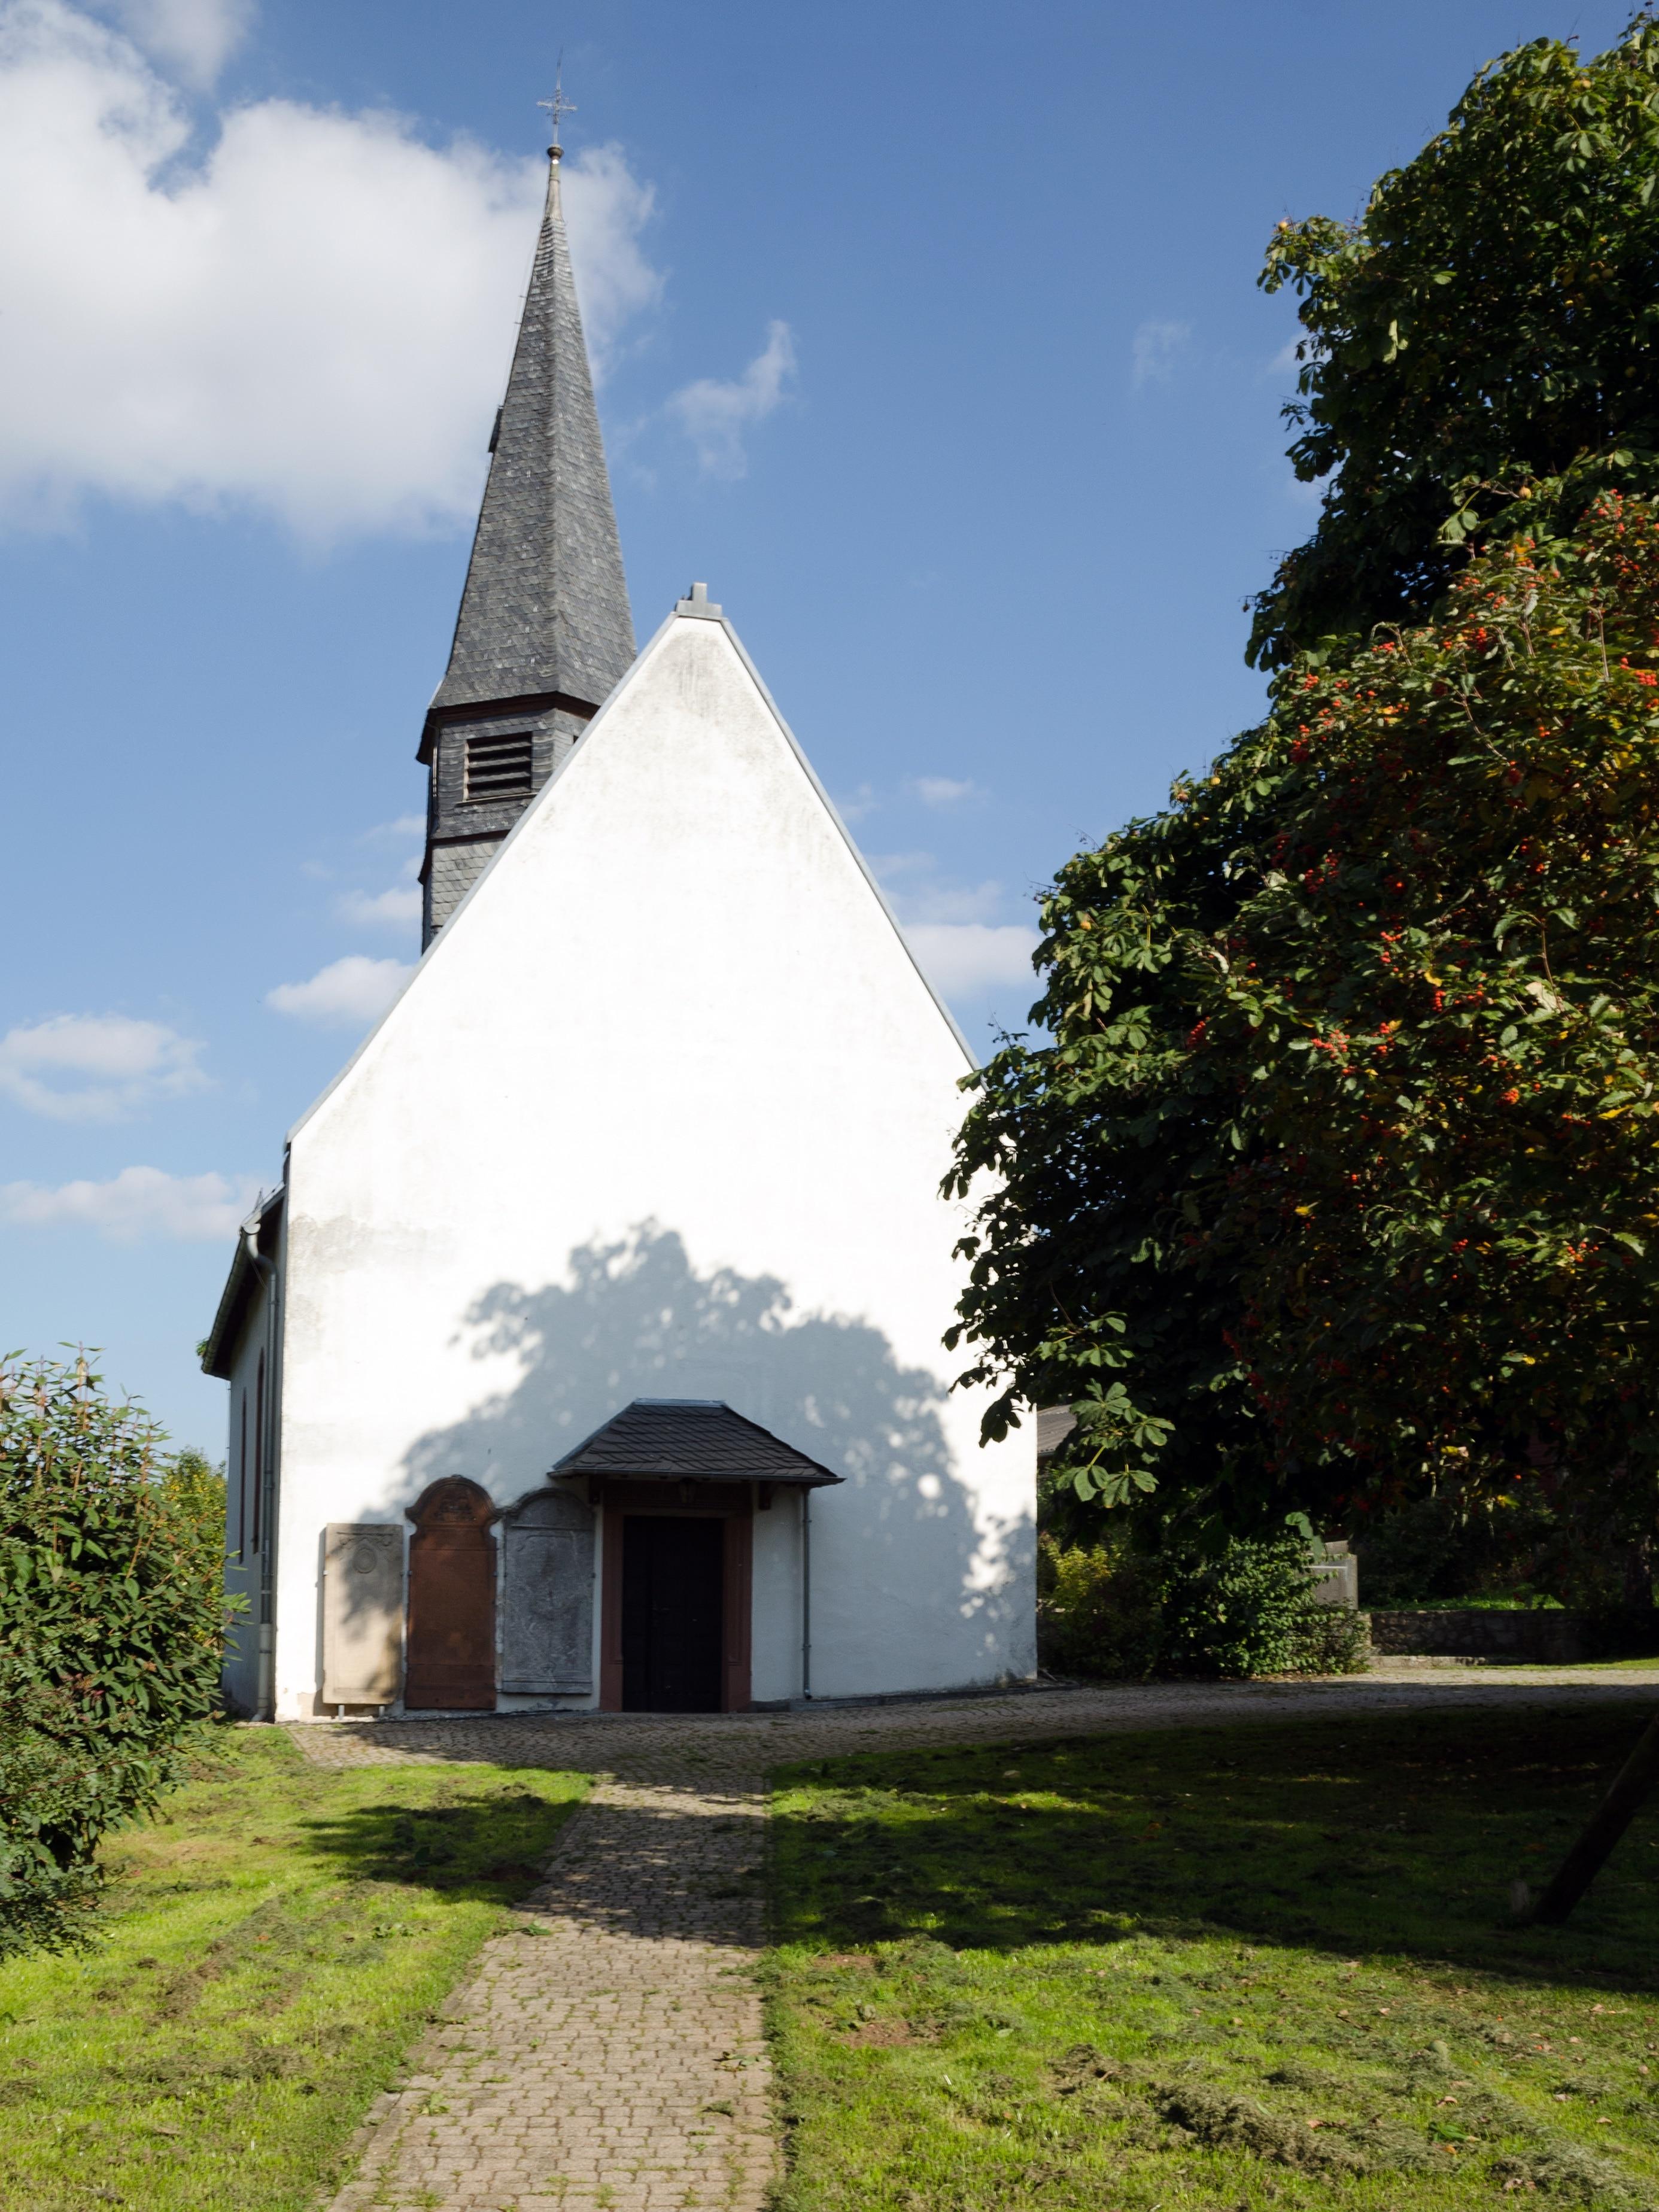 Friedberg, Hessen, Germany